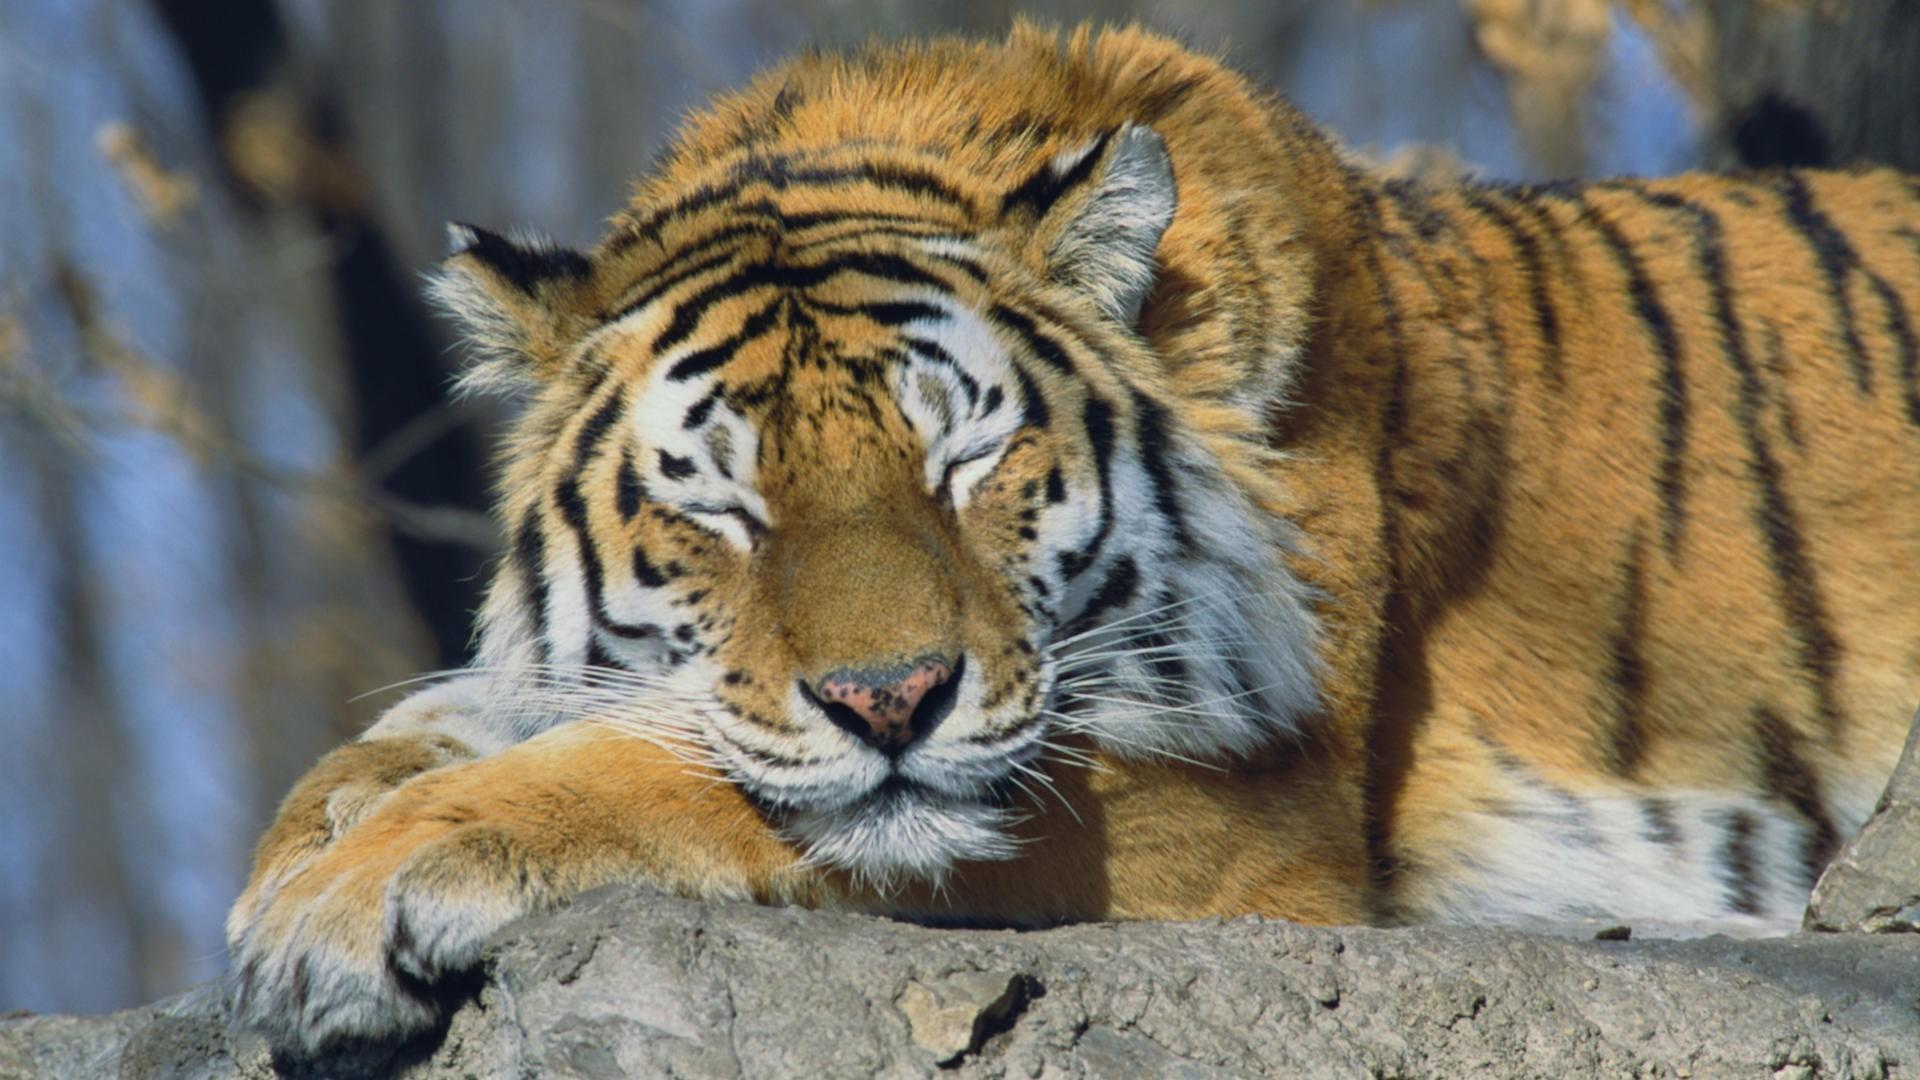 … Siberian Tiger Wallpaper …